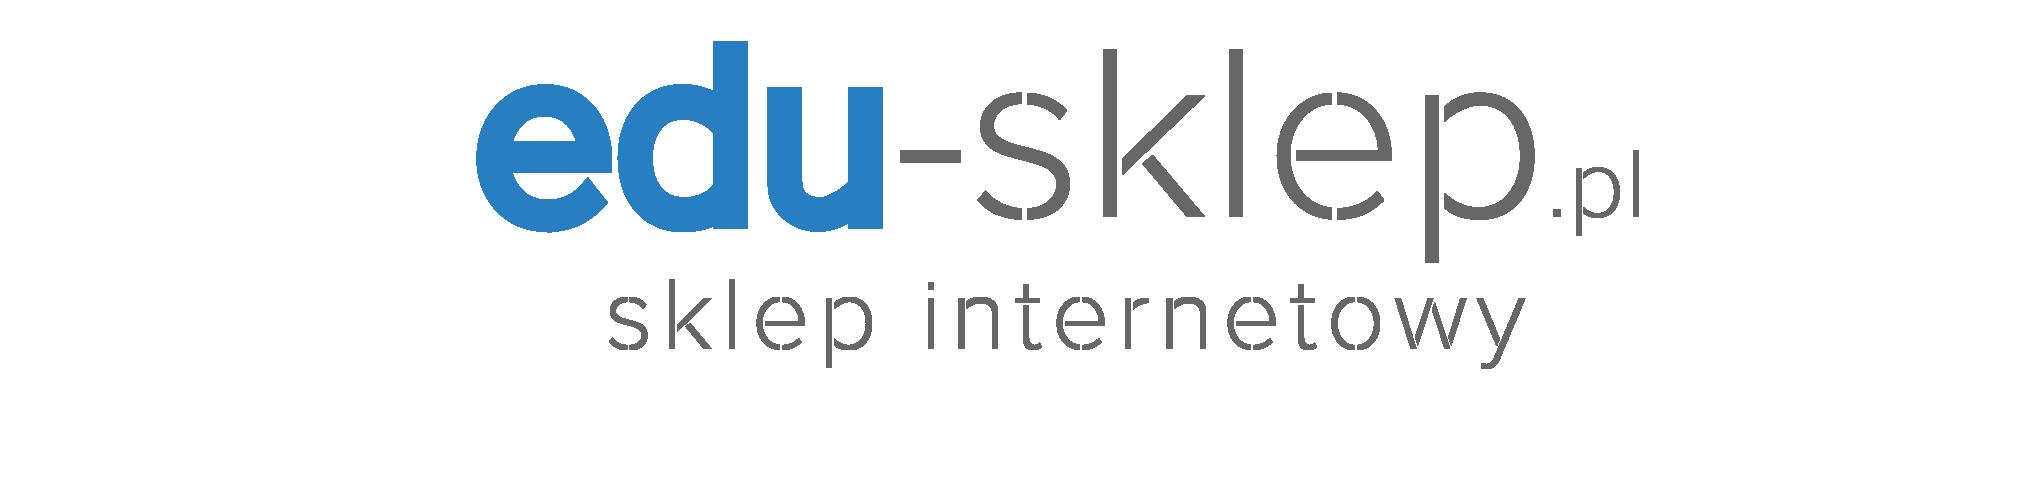 Edu-sklep.pl | Produkty dla edukacji